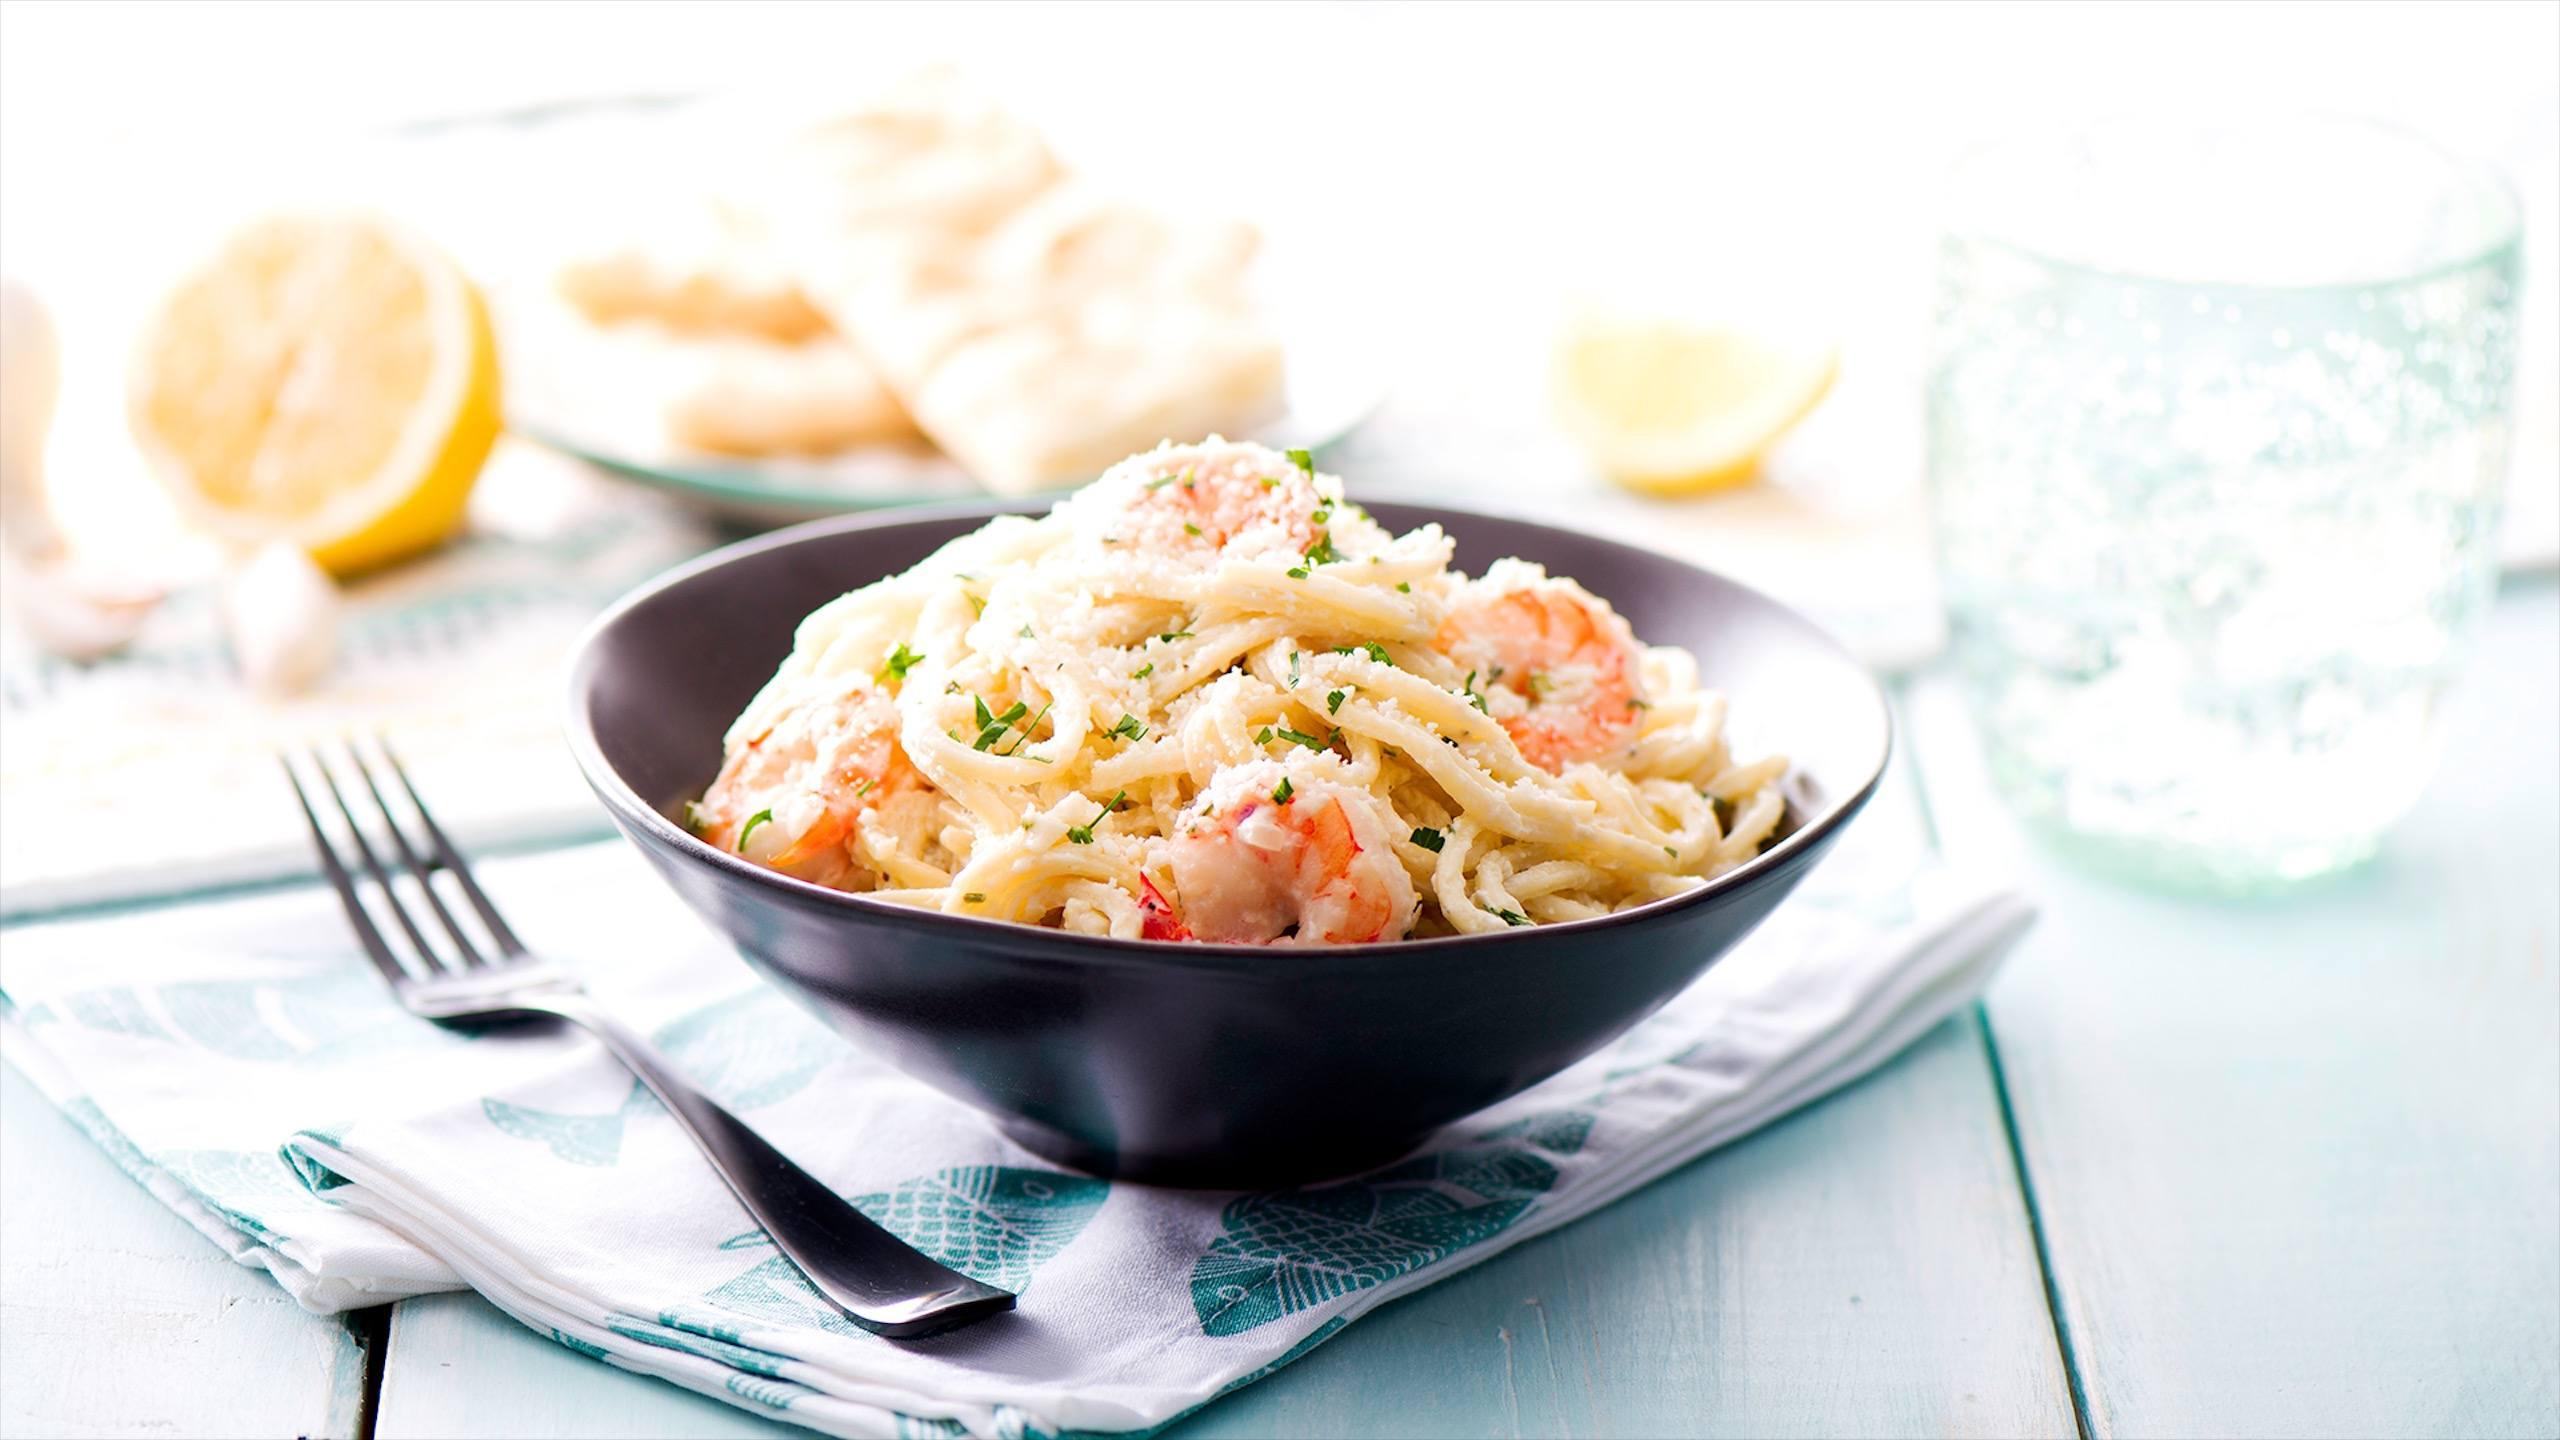 Pâtes aux crevettes et tomatеs - une idée de recette simple